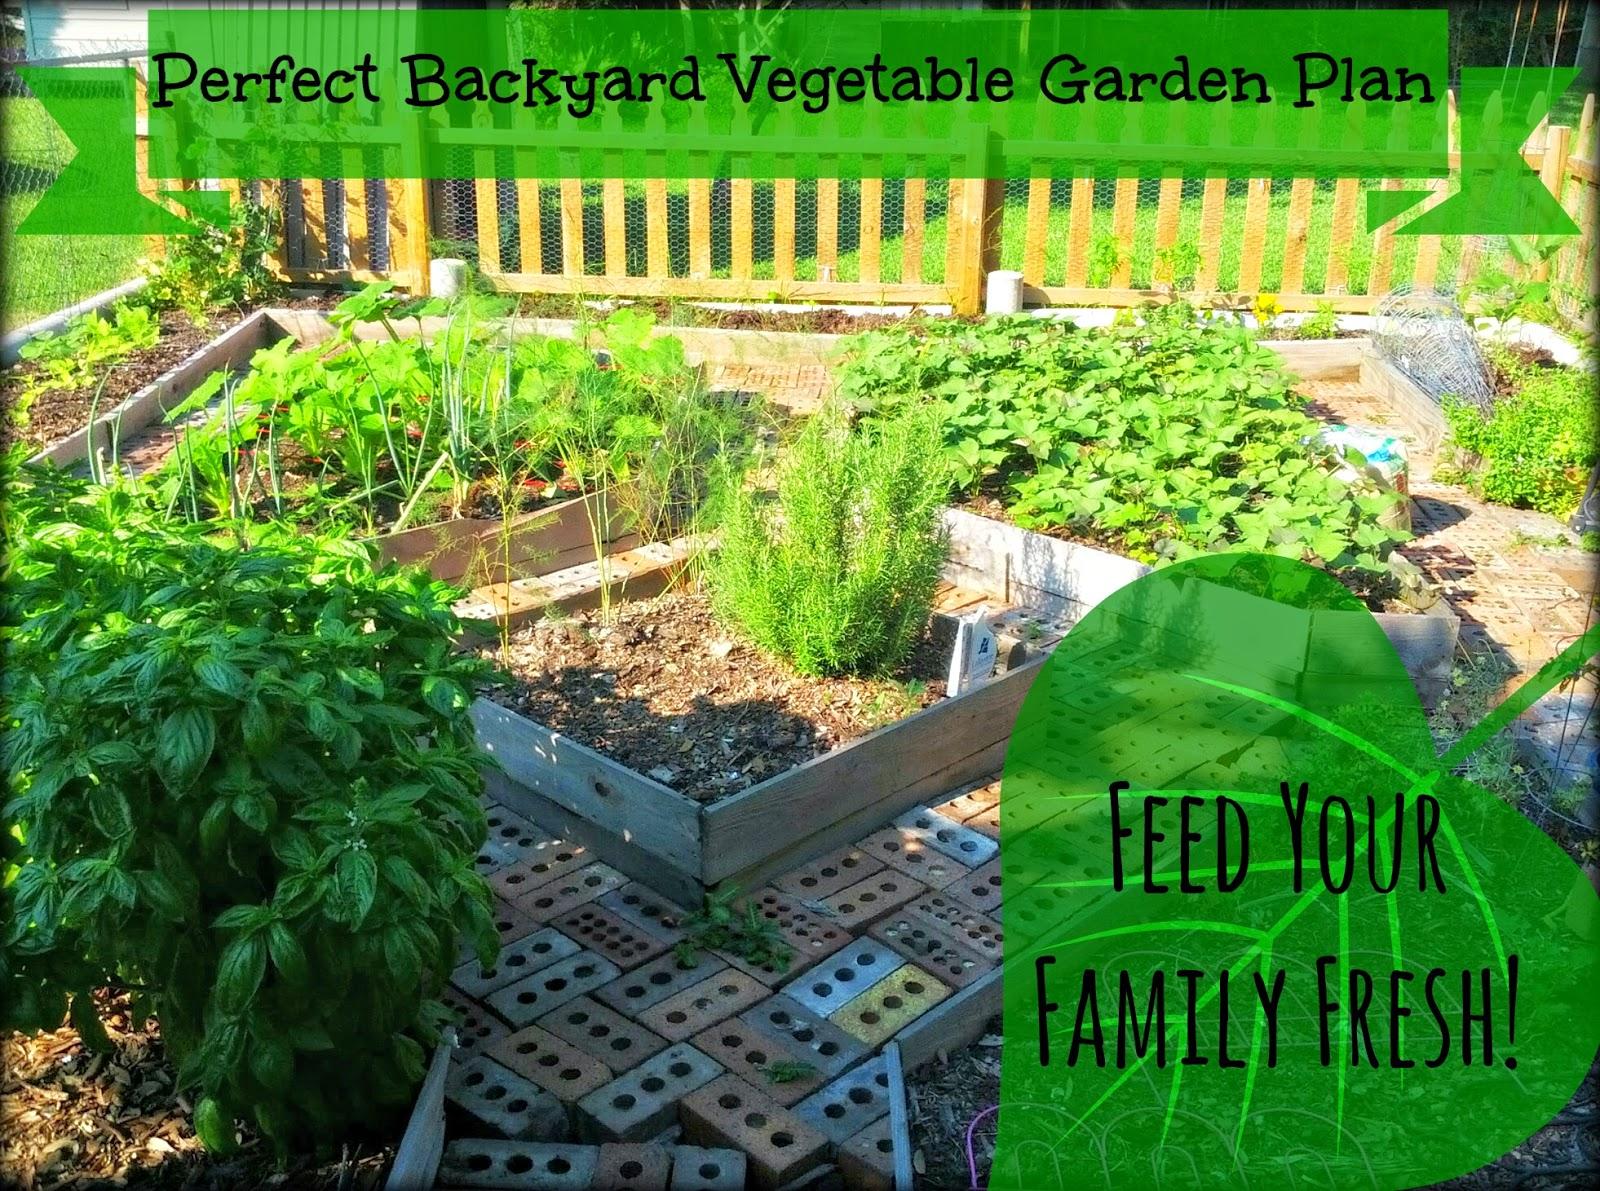 Family Backyard Garden :  Gardens Perfect Backyard Vegetable Garden Plan Feed Your Family